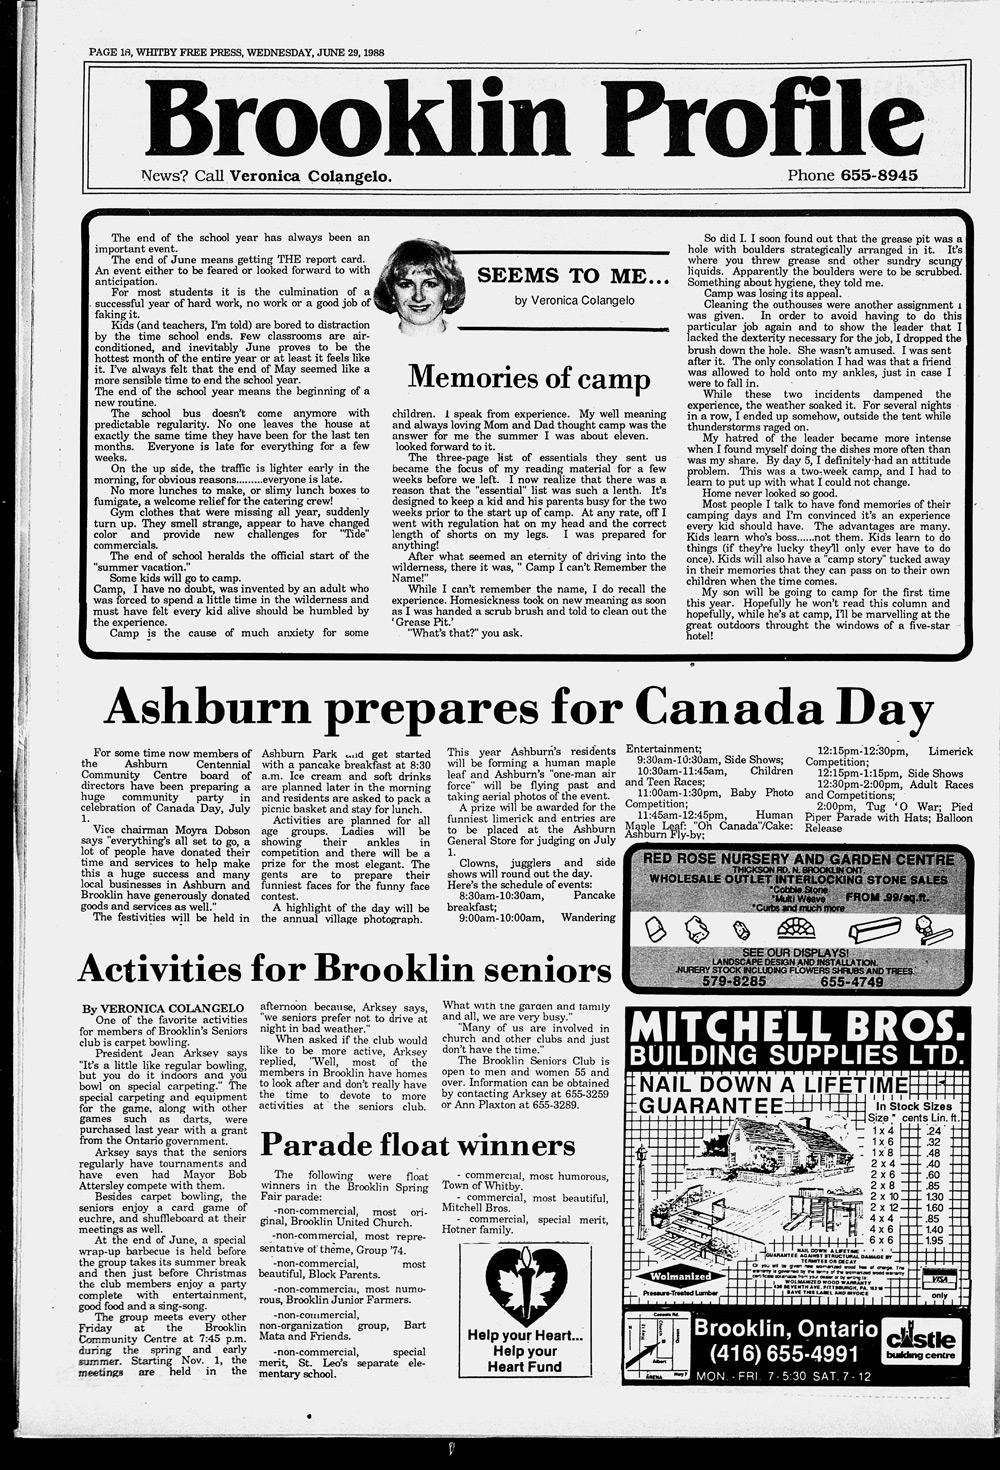 Whitby Free Press, 29 Jun 1988